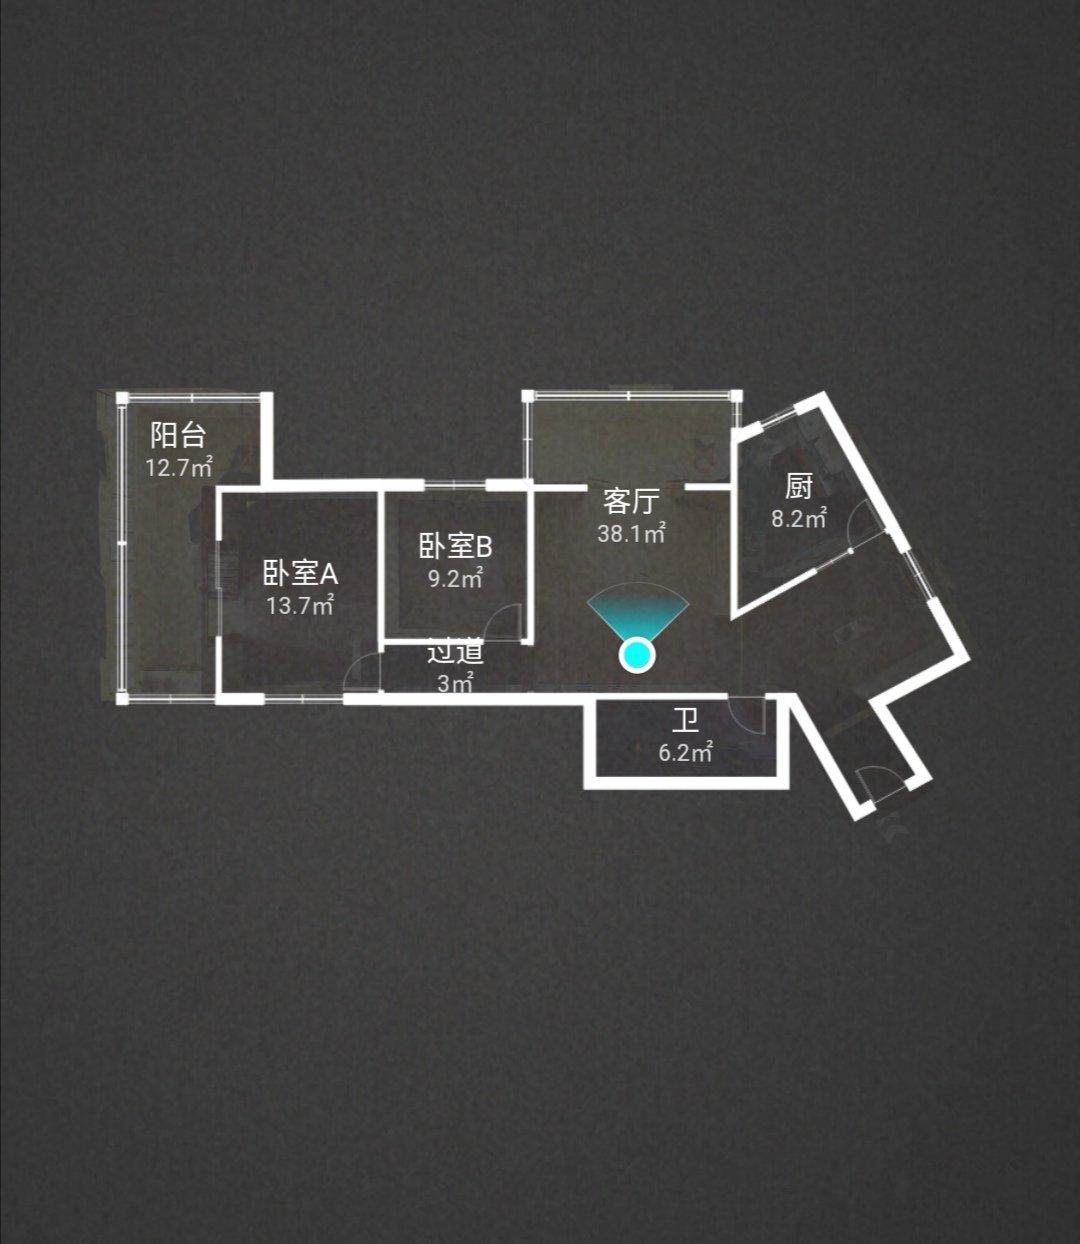 两室两厅改三室一厅?